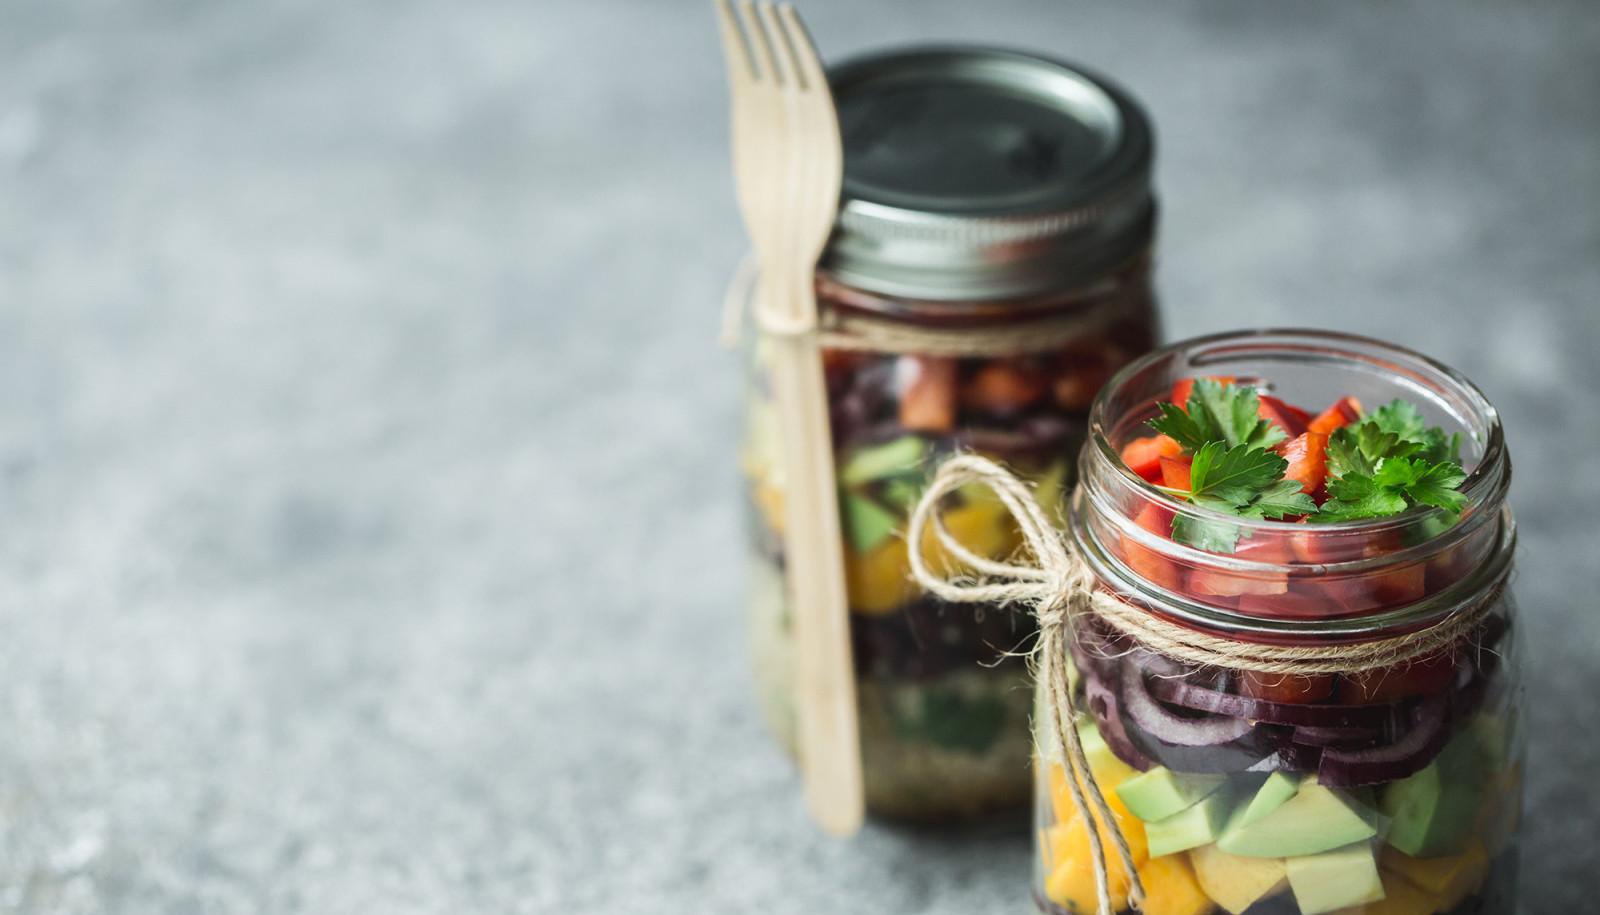 Quick and Easy Mason Jar Recipes